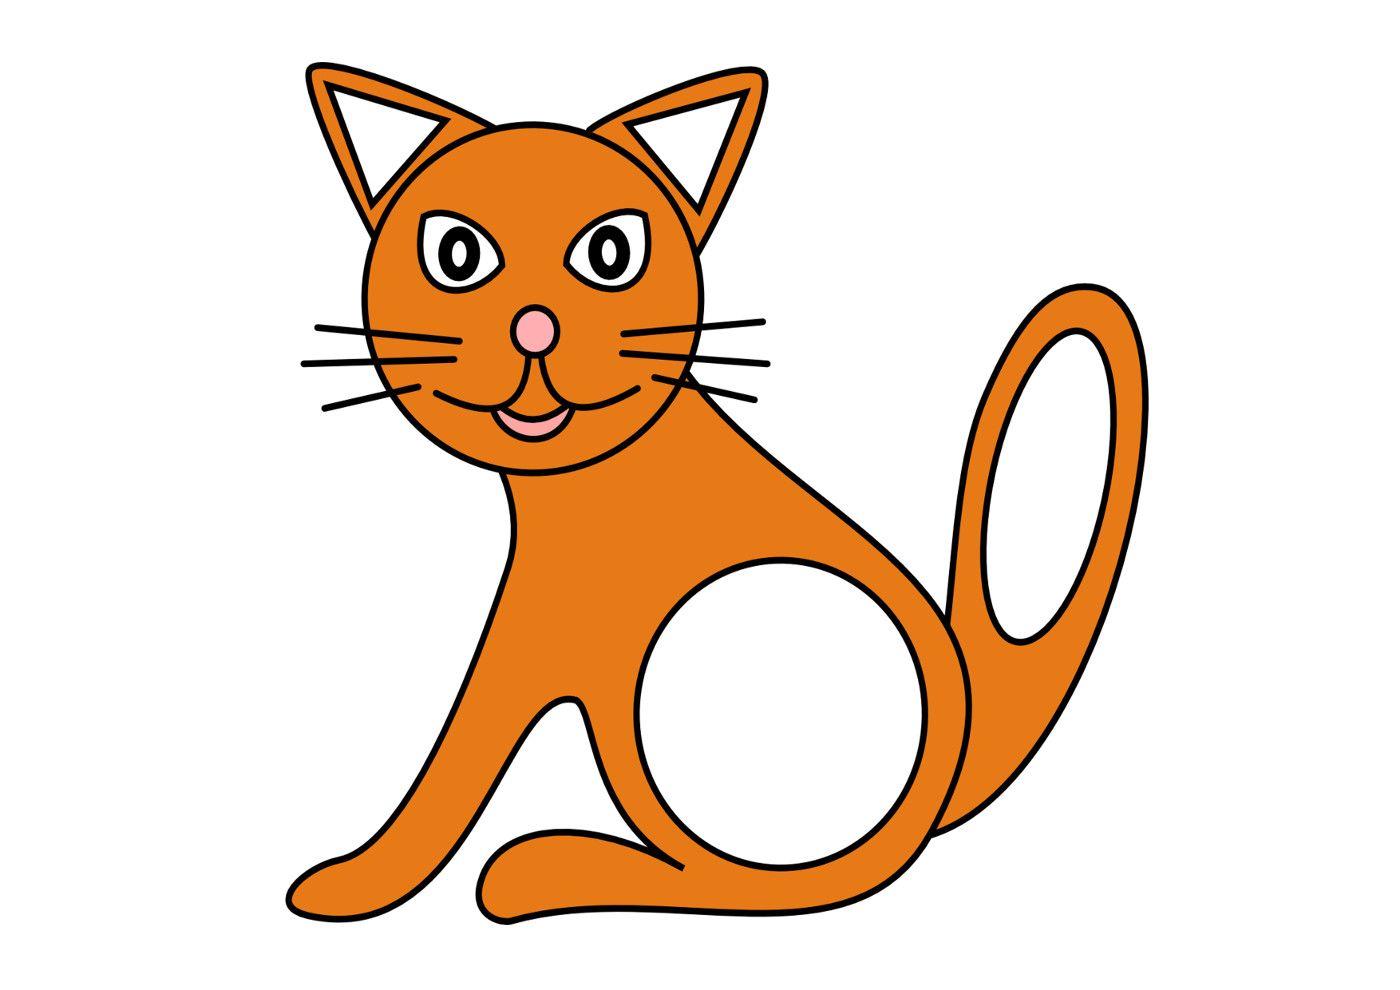 Дидактическая игра «Кошка», кошка из геометрических фигур ...